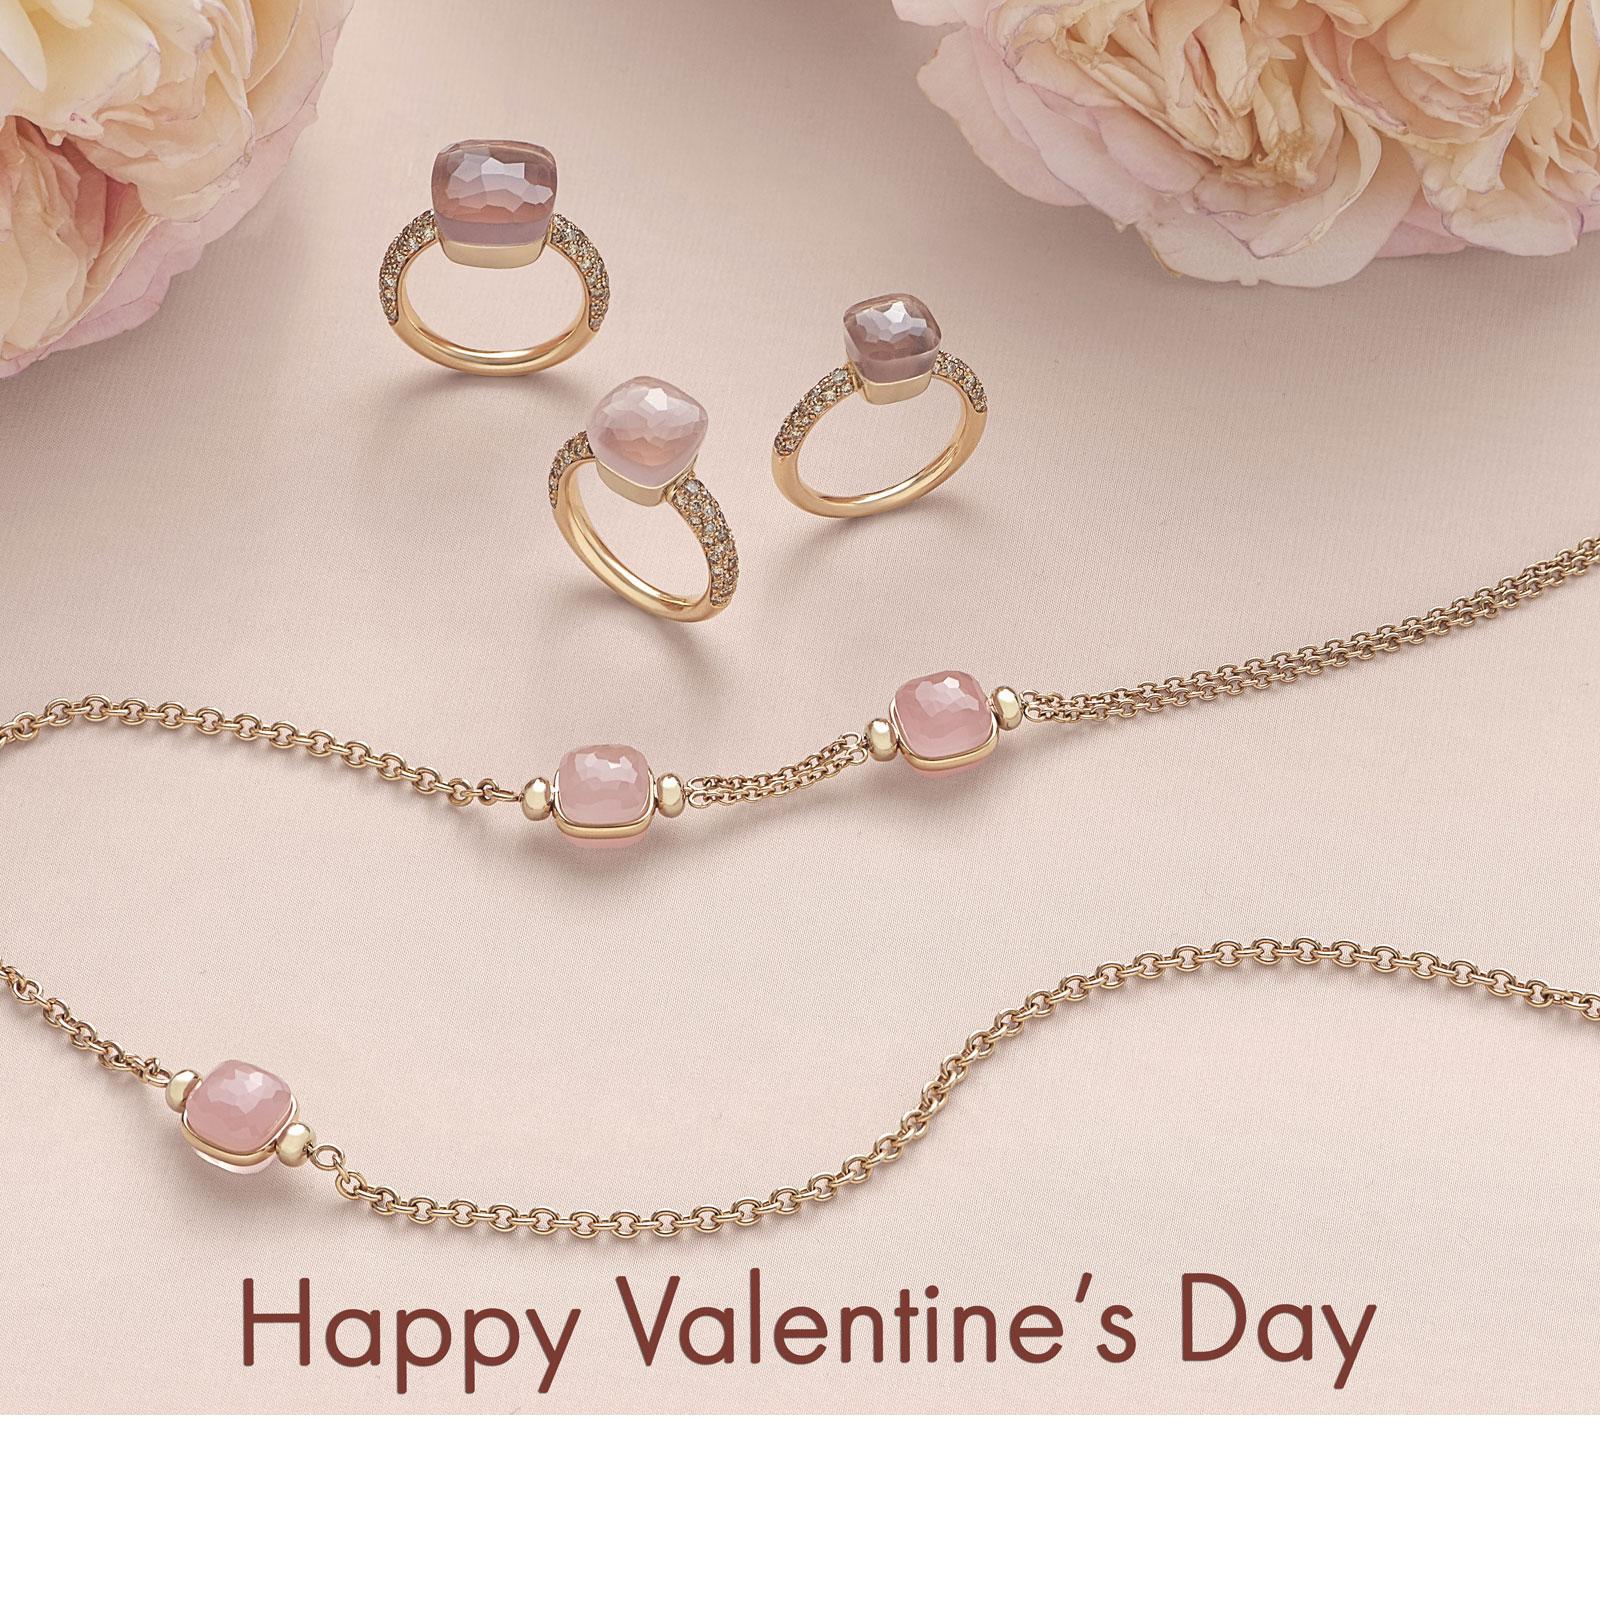 Bijoux-Pomellato-Valentines-day-Nudo-2-Lionel-Meylan-horlogerie-joaillerie-Vevey-1.jpg